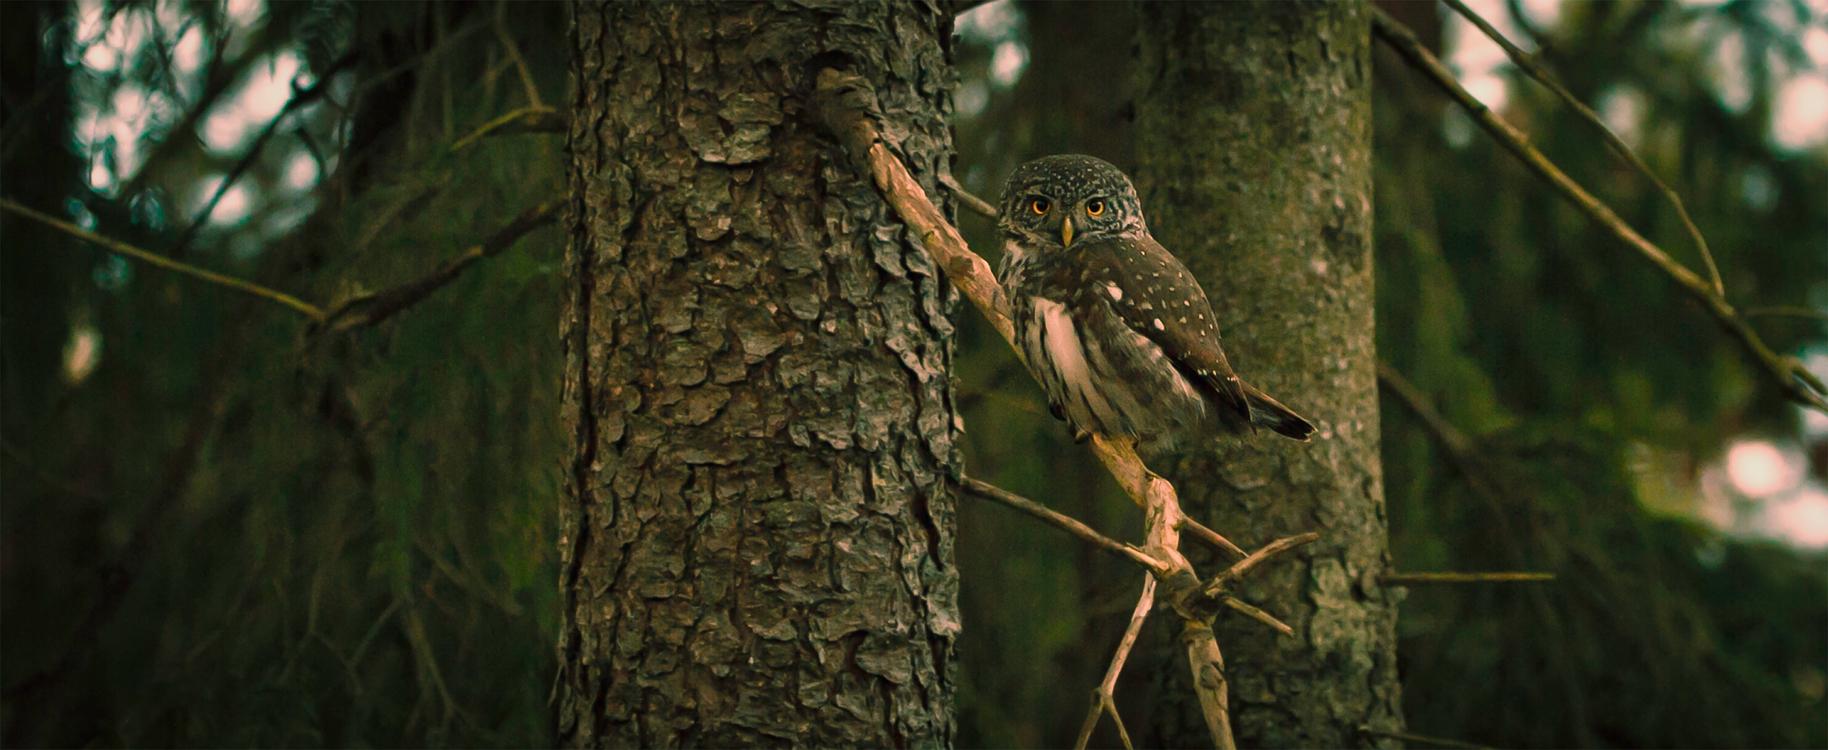 Biome,Wildlife,Ecosystem